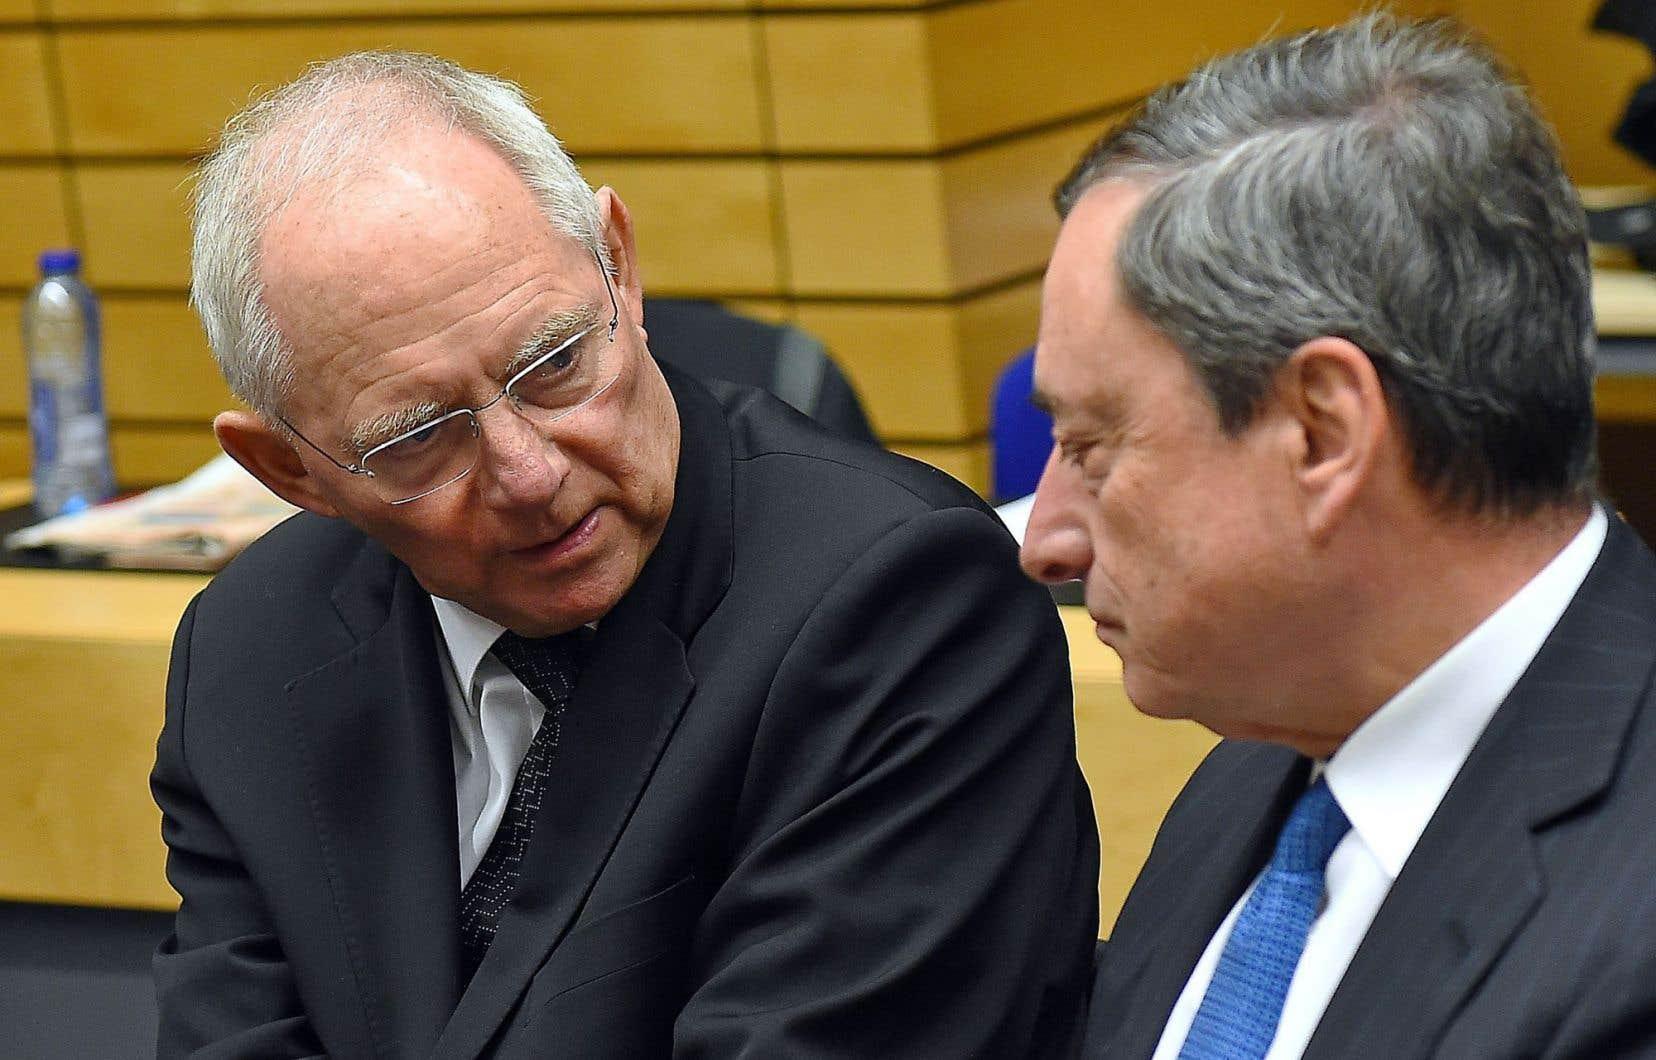 Le ministre des Finances de l'Allemagne, Wolfgang Schaüble (à gauche), s'est maintes fois inquiété publiquement de la politique monétaire de la BCE que dirige Mario Draghi (à droite).